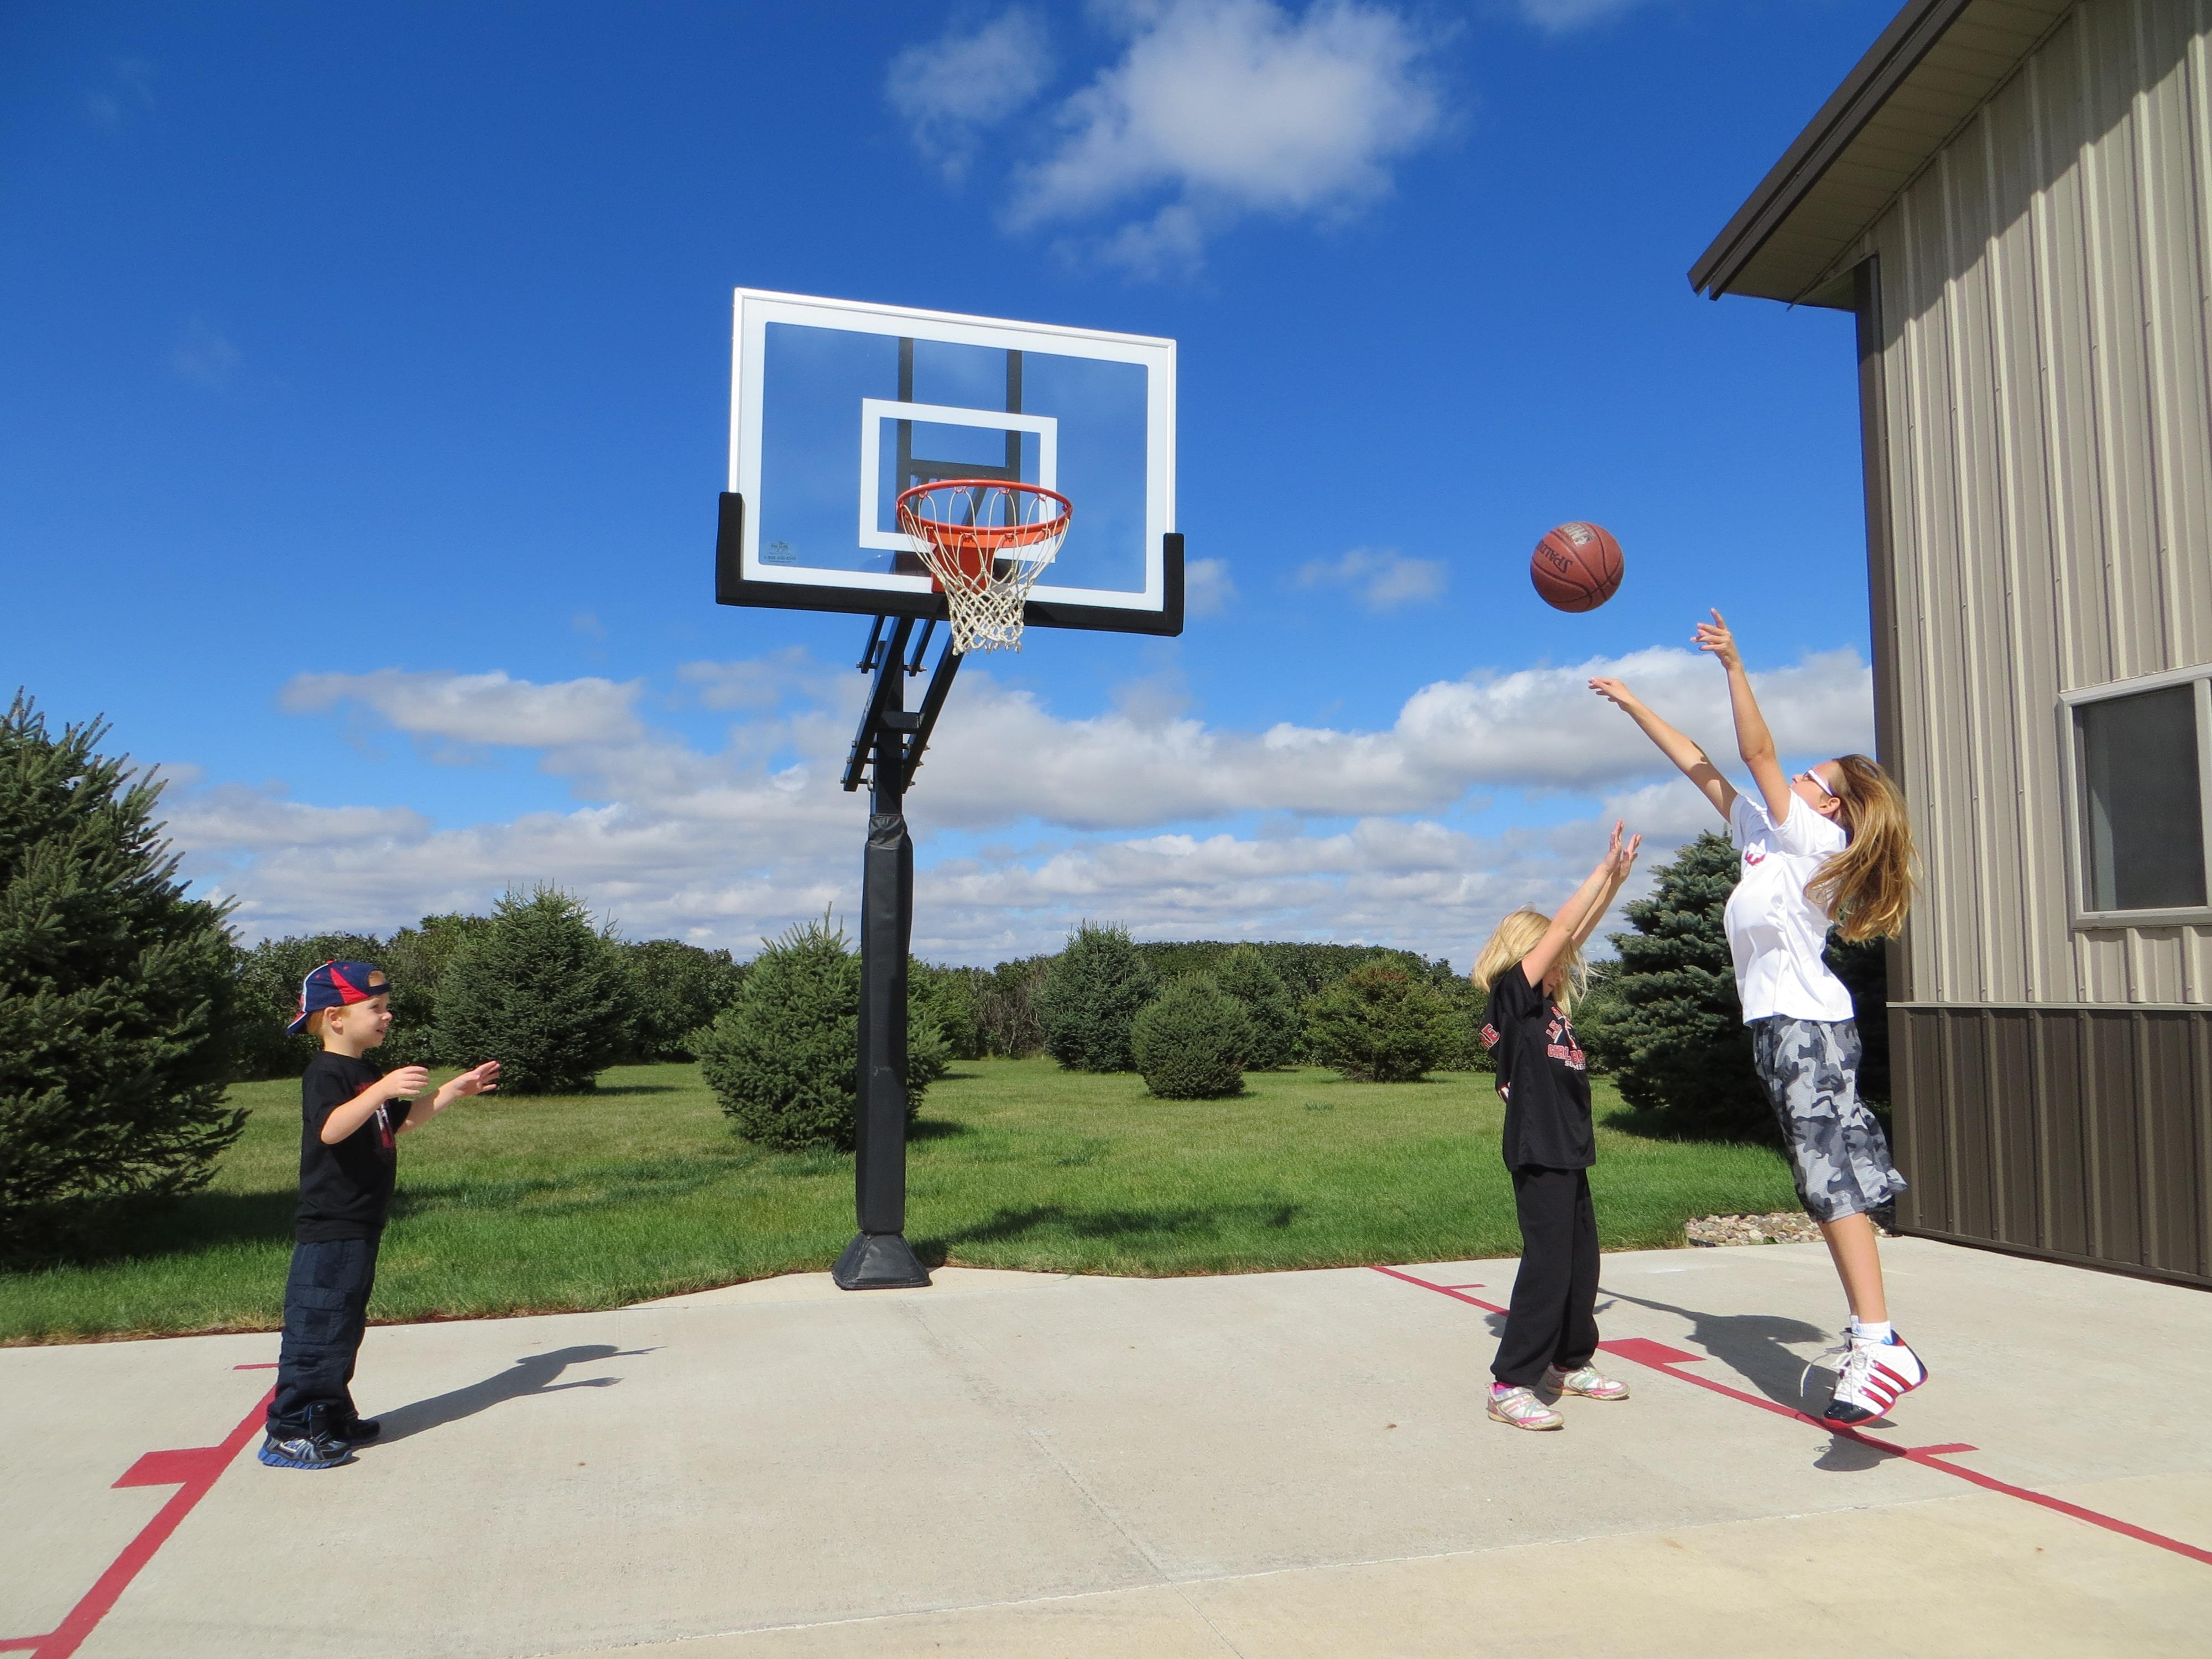 Panier de basket ce qu 39 il faut savoir pour bien l 39 installer - Panier de basket amovible ...